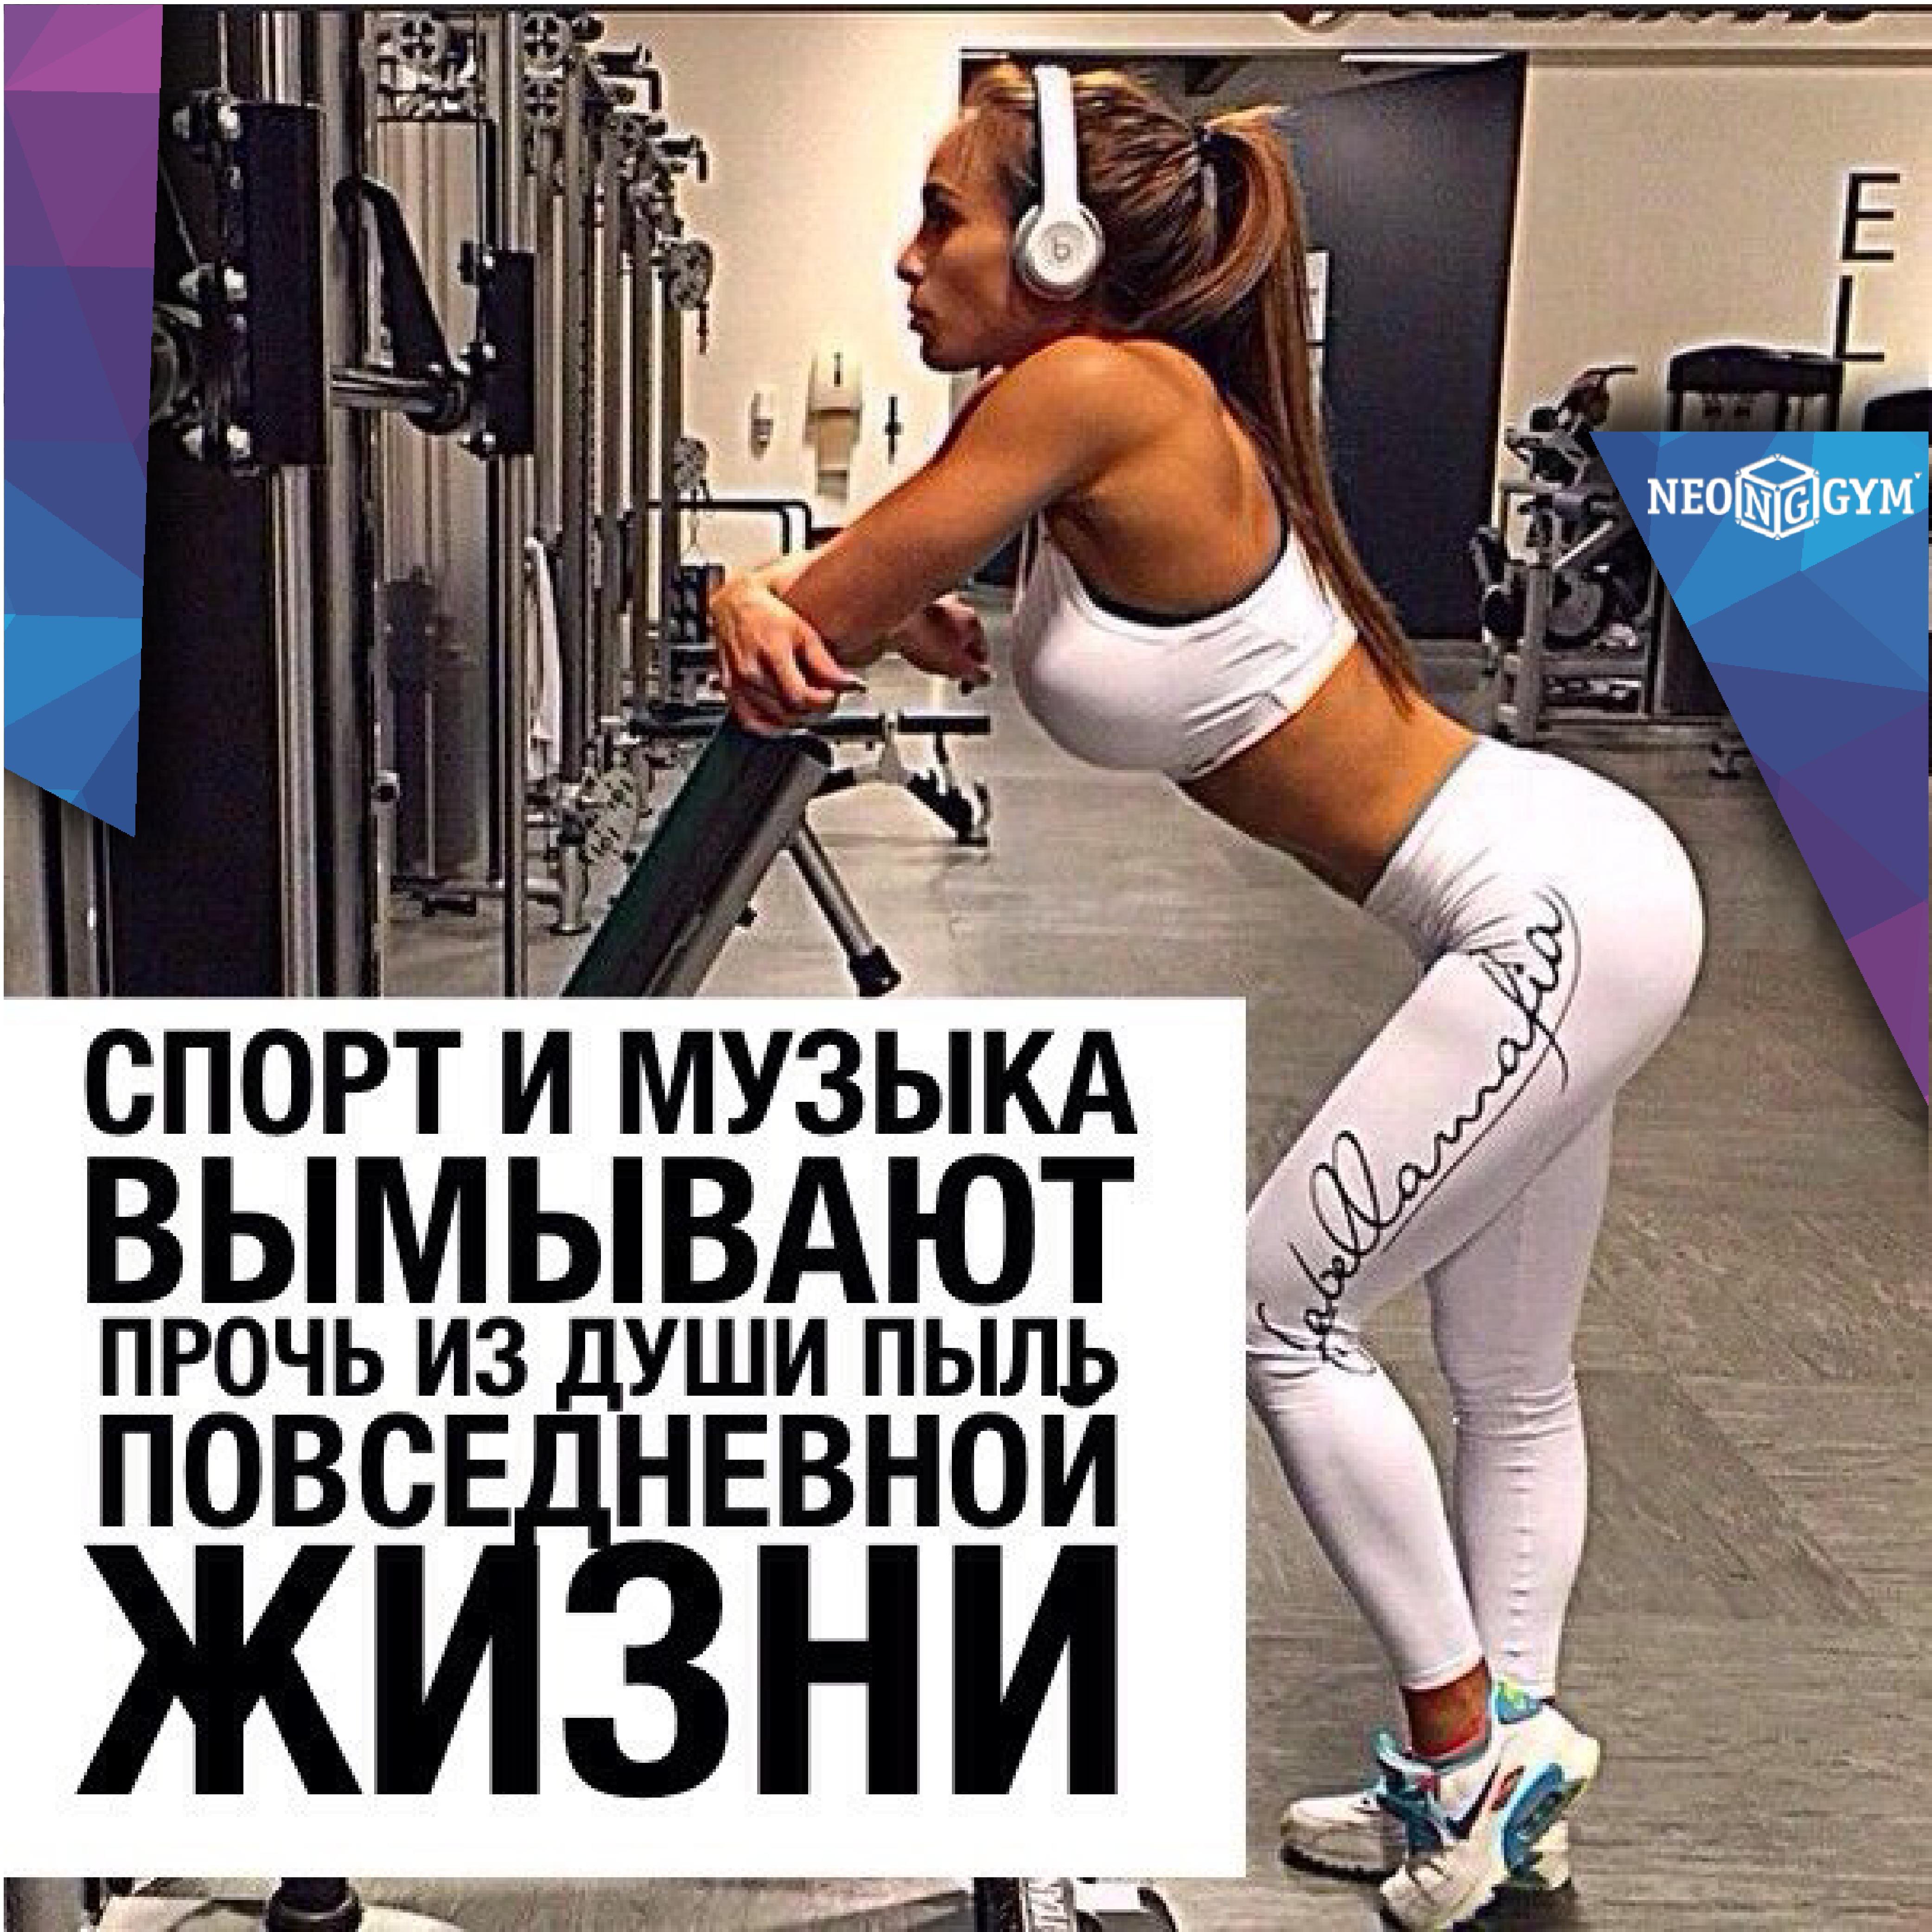 фотографийретушь картинки с цитатами мотивация к спорту практичное оформление потолка